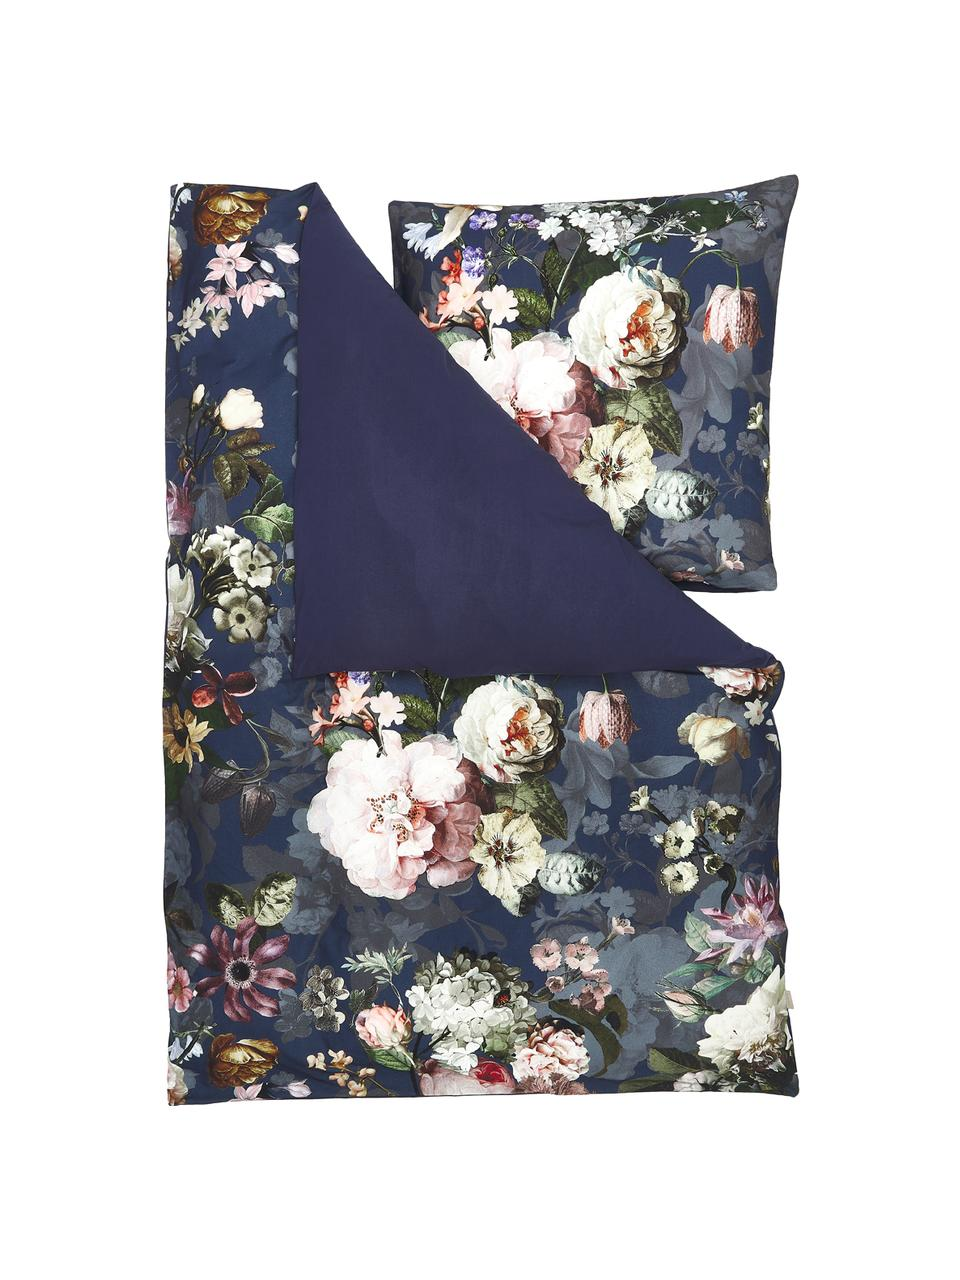 Flanell-Bettwäsche Fleurel mit Blumen-Muster, Webart: Flanell Fadendichte 144 T, Dunkelblau, Mehrfarbig, 155 x 220 cm + 1 Kissen 80 x 80 cm